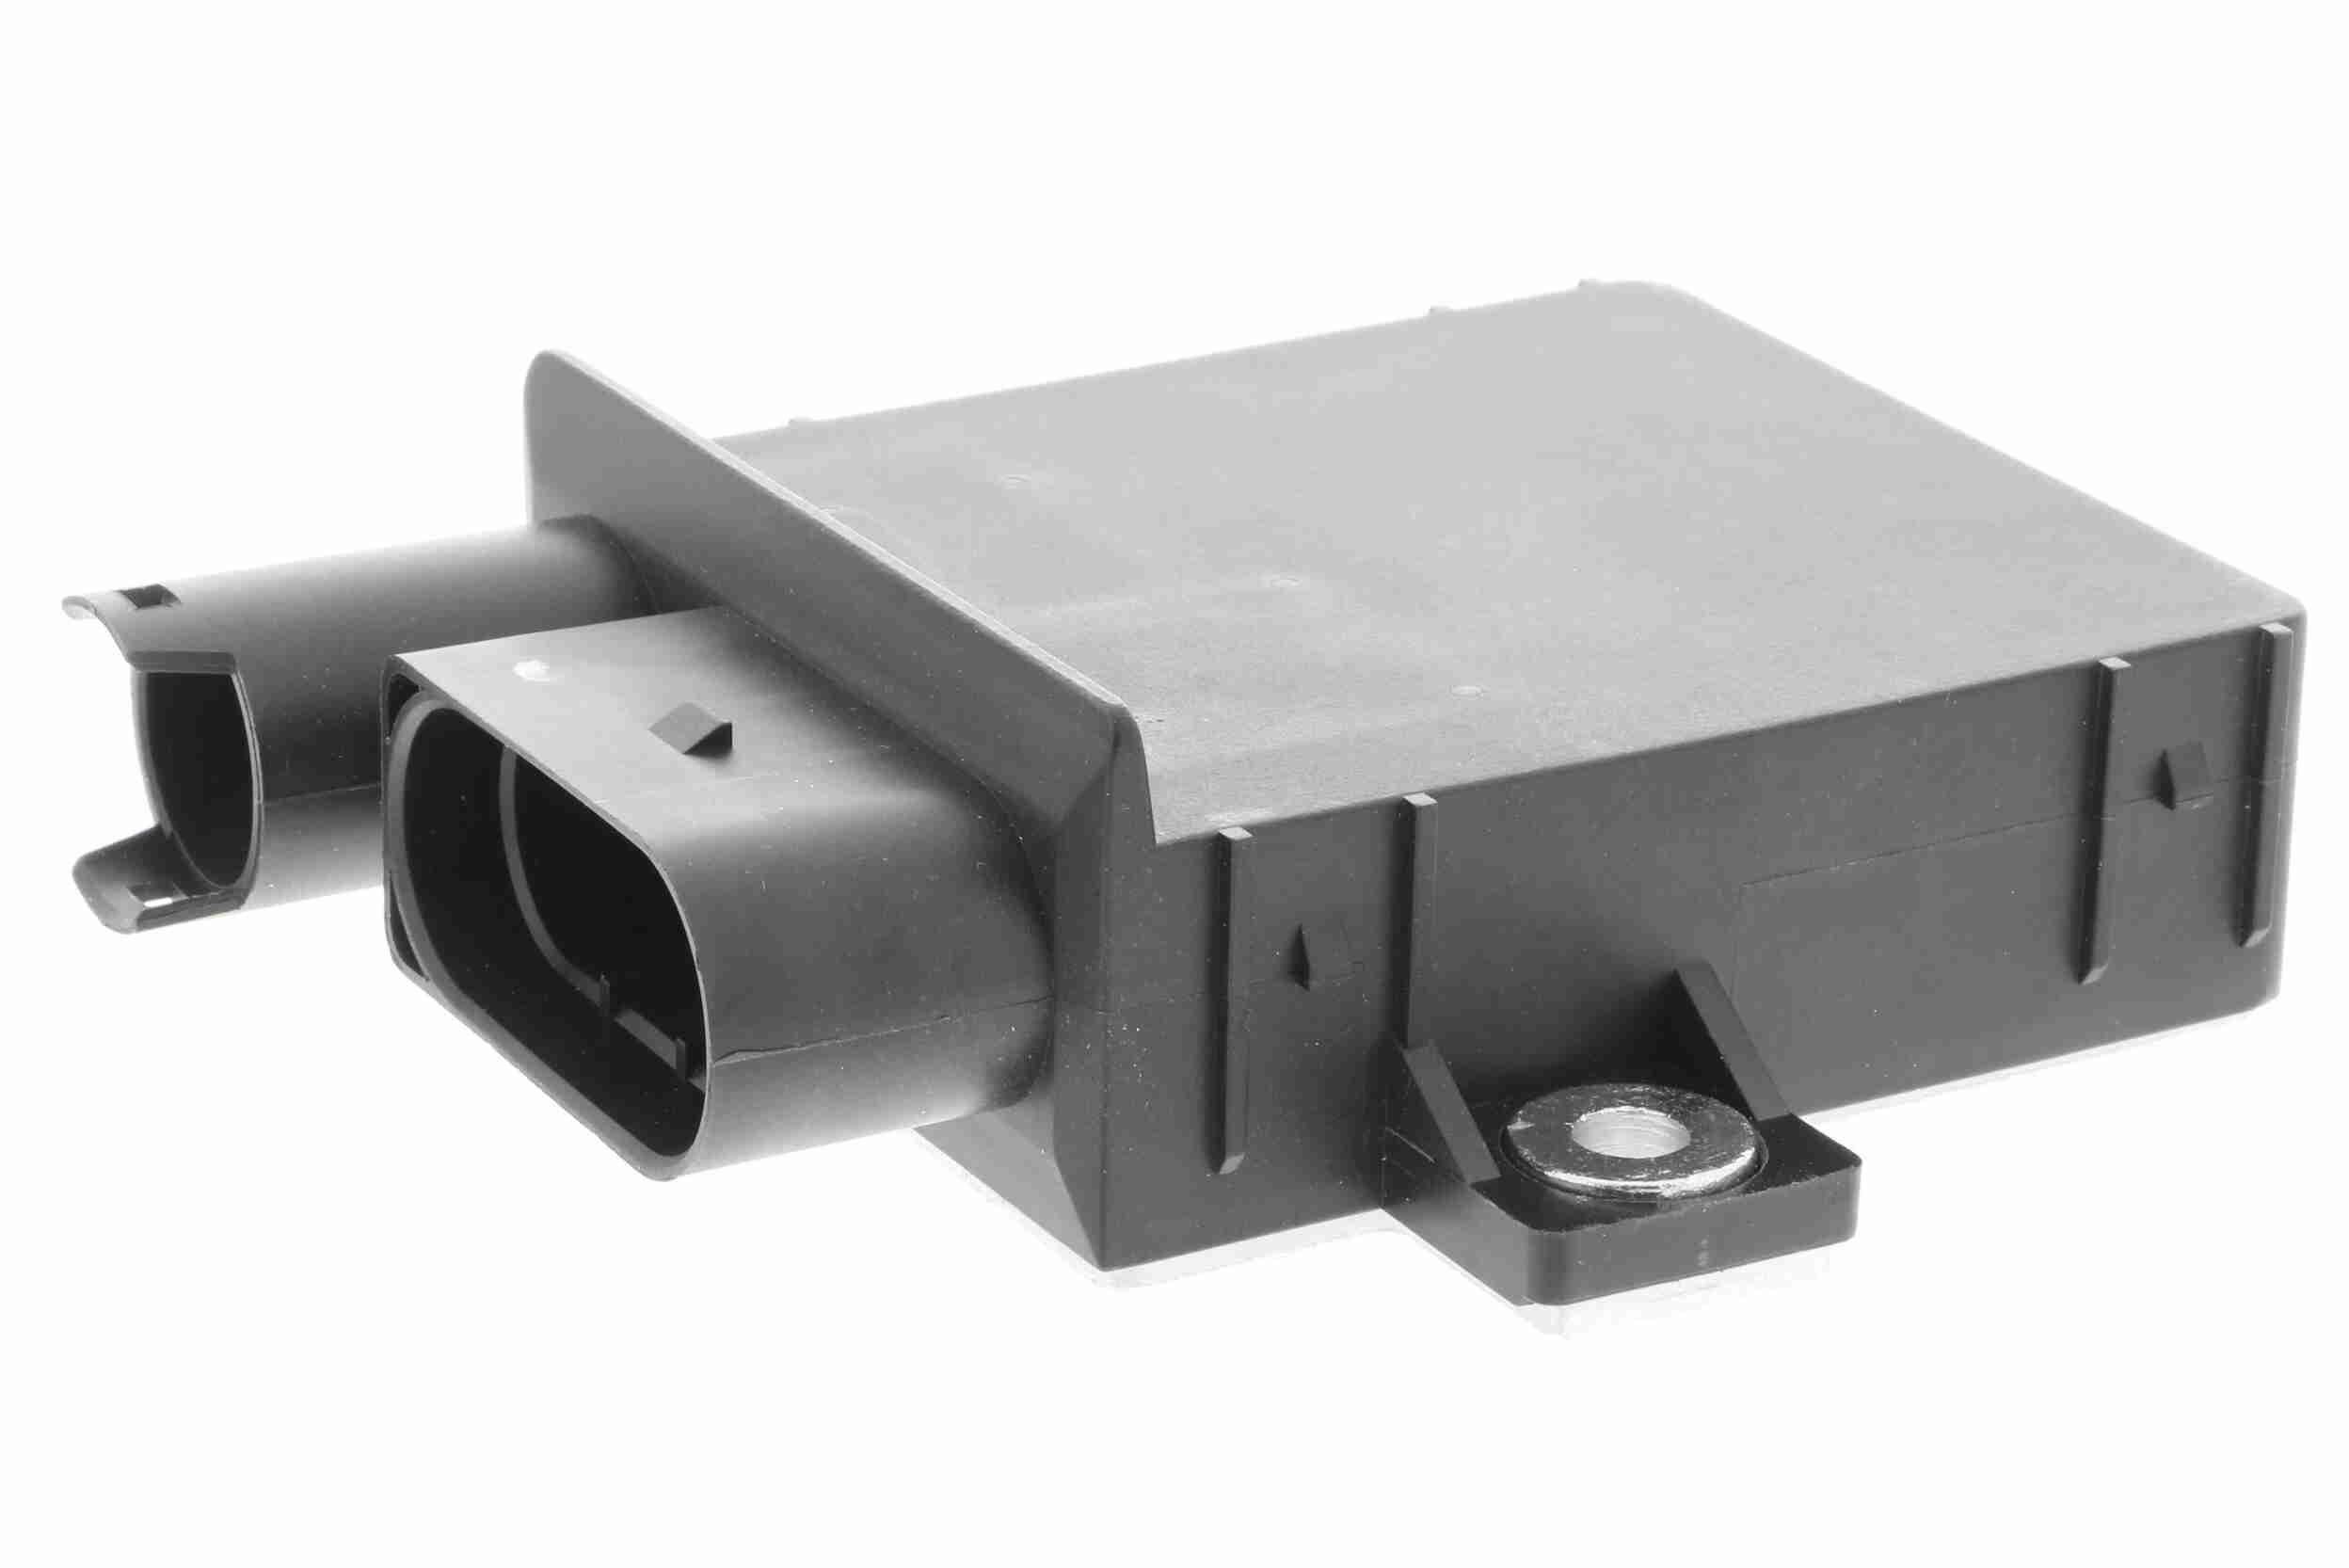 Steuergerät, Glühzeit V20-71-0010 VEMO V20-71-0010 in Original Qualität